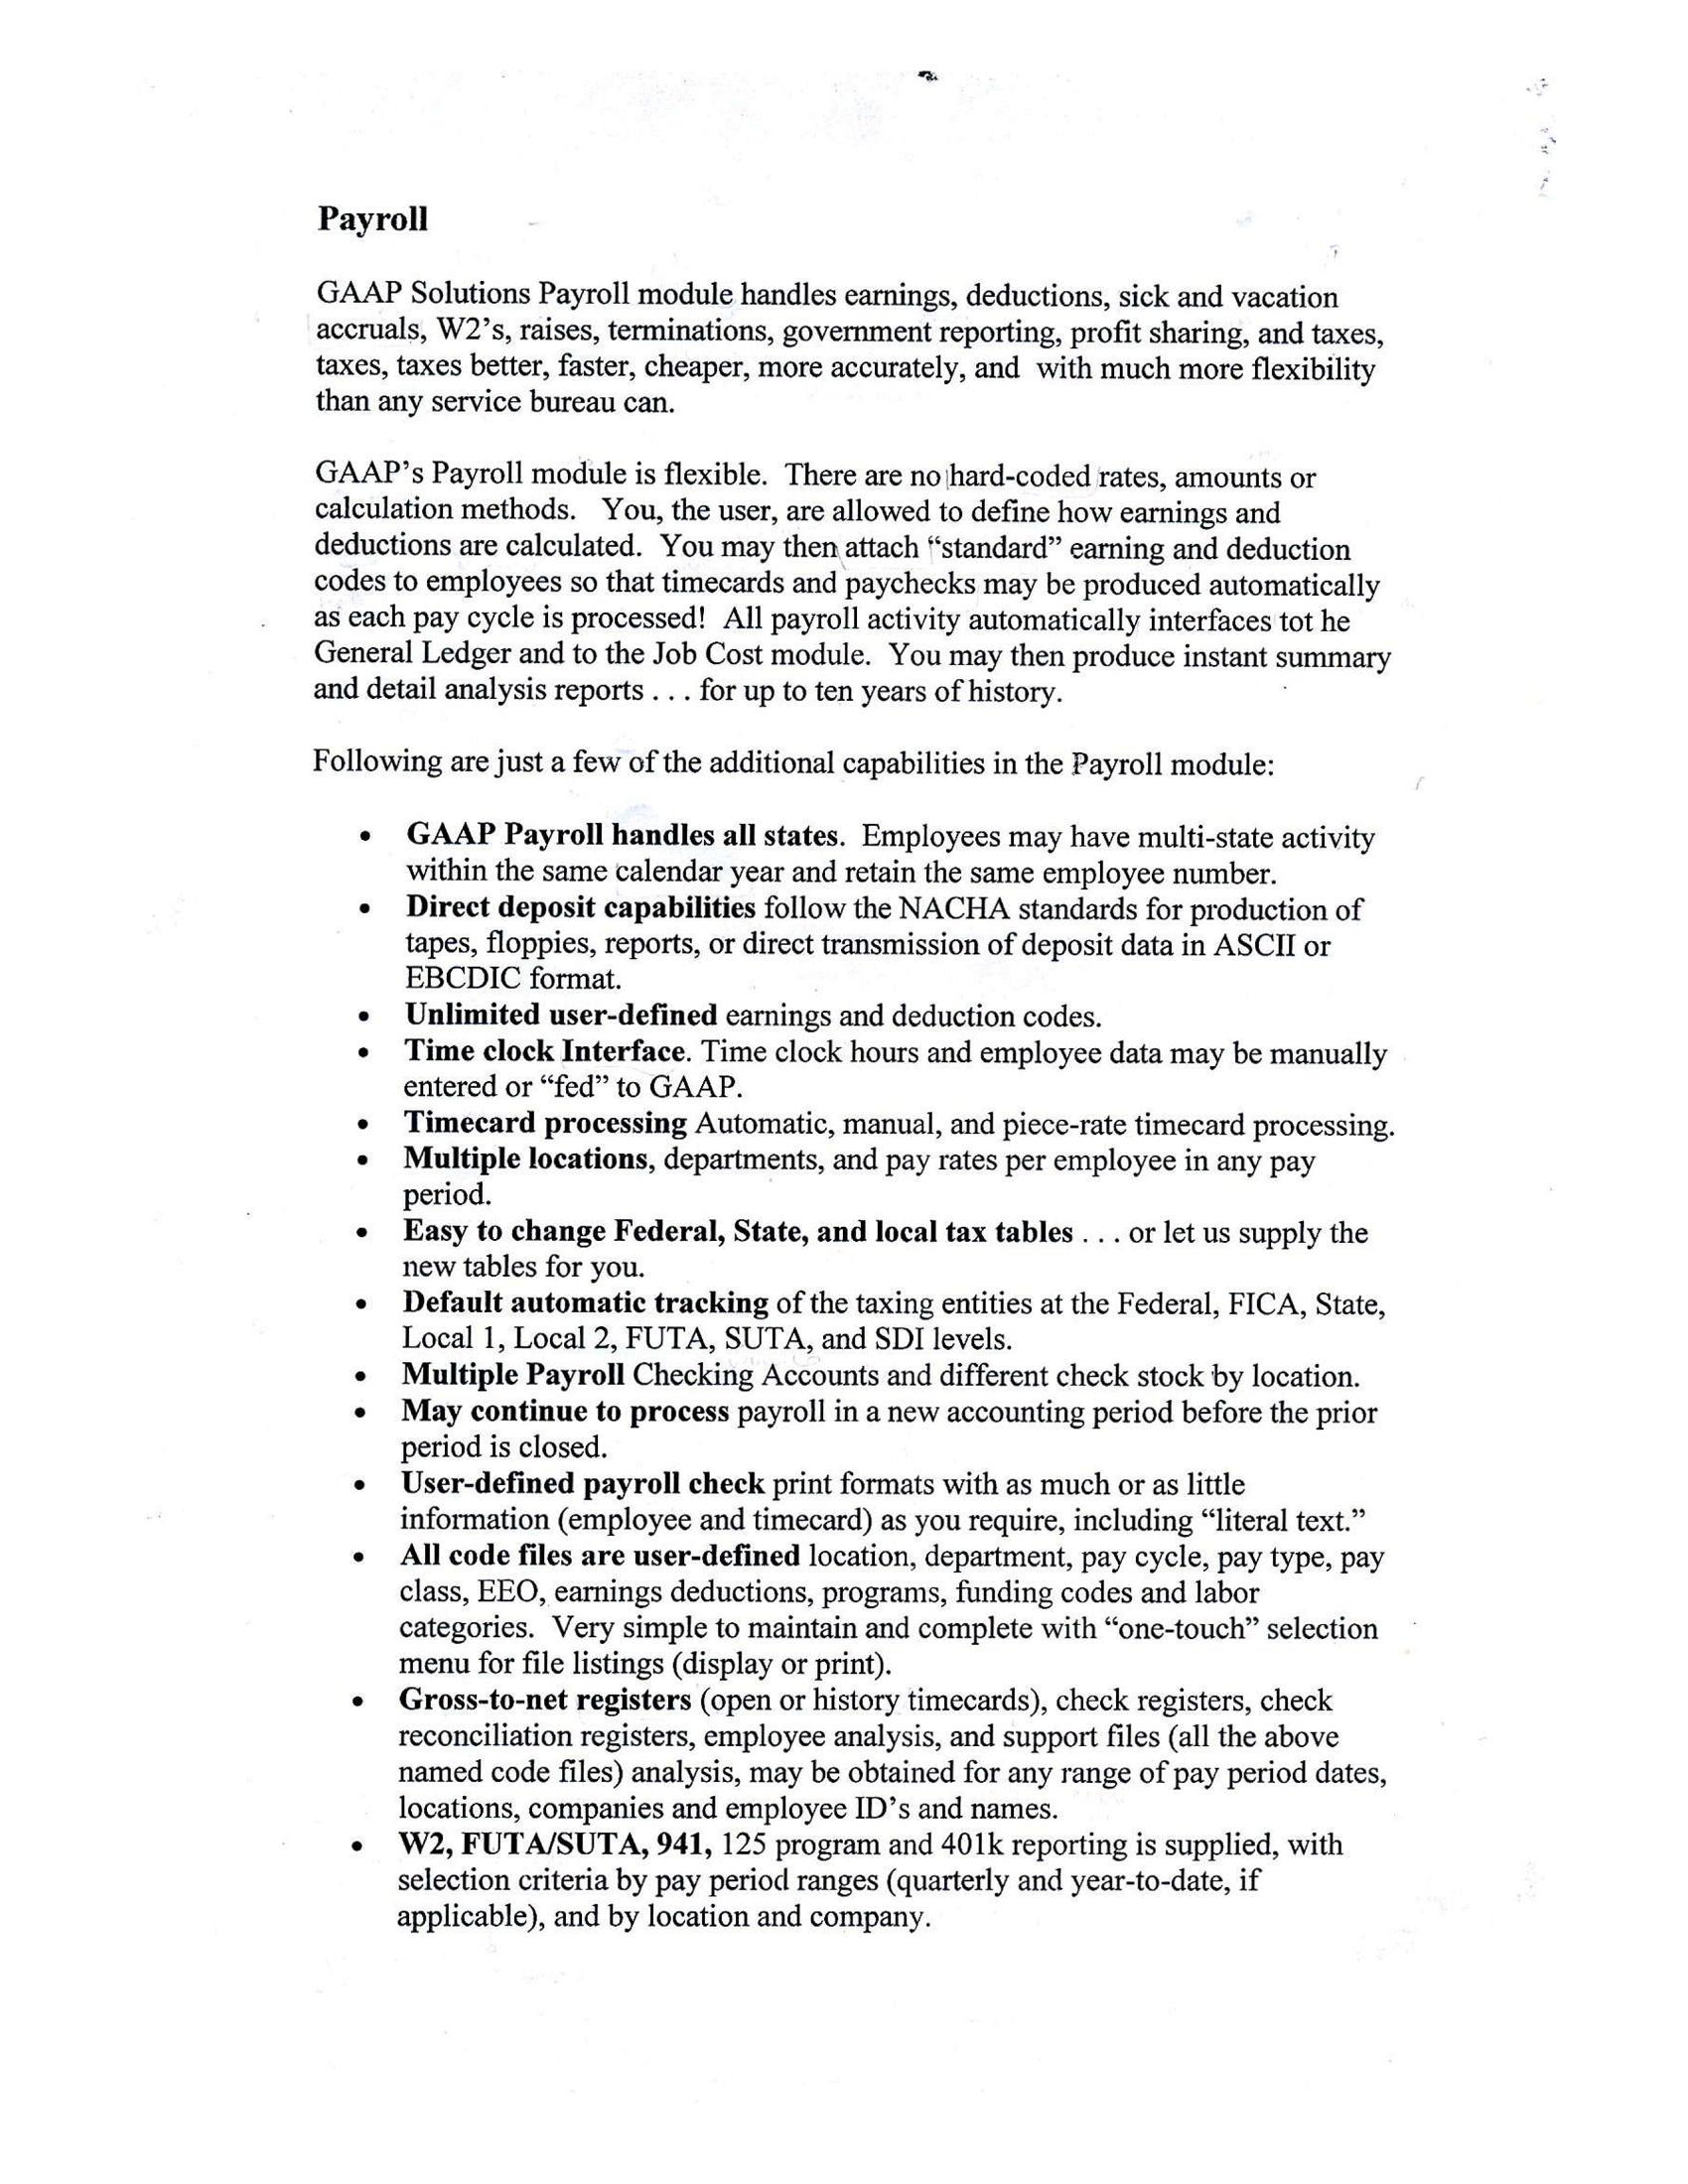 حقوق و دستمزد   لیست حقوق حسابداری payroll